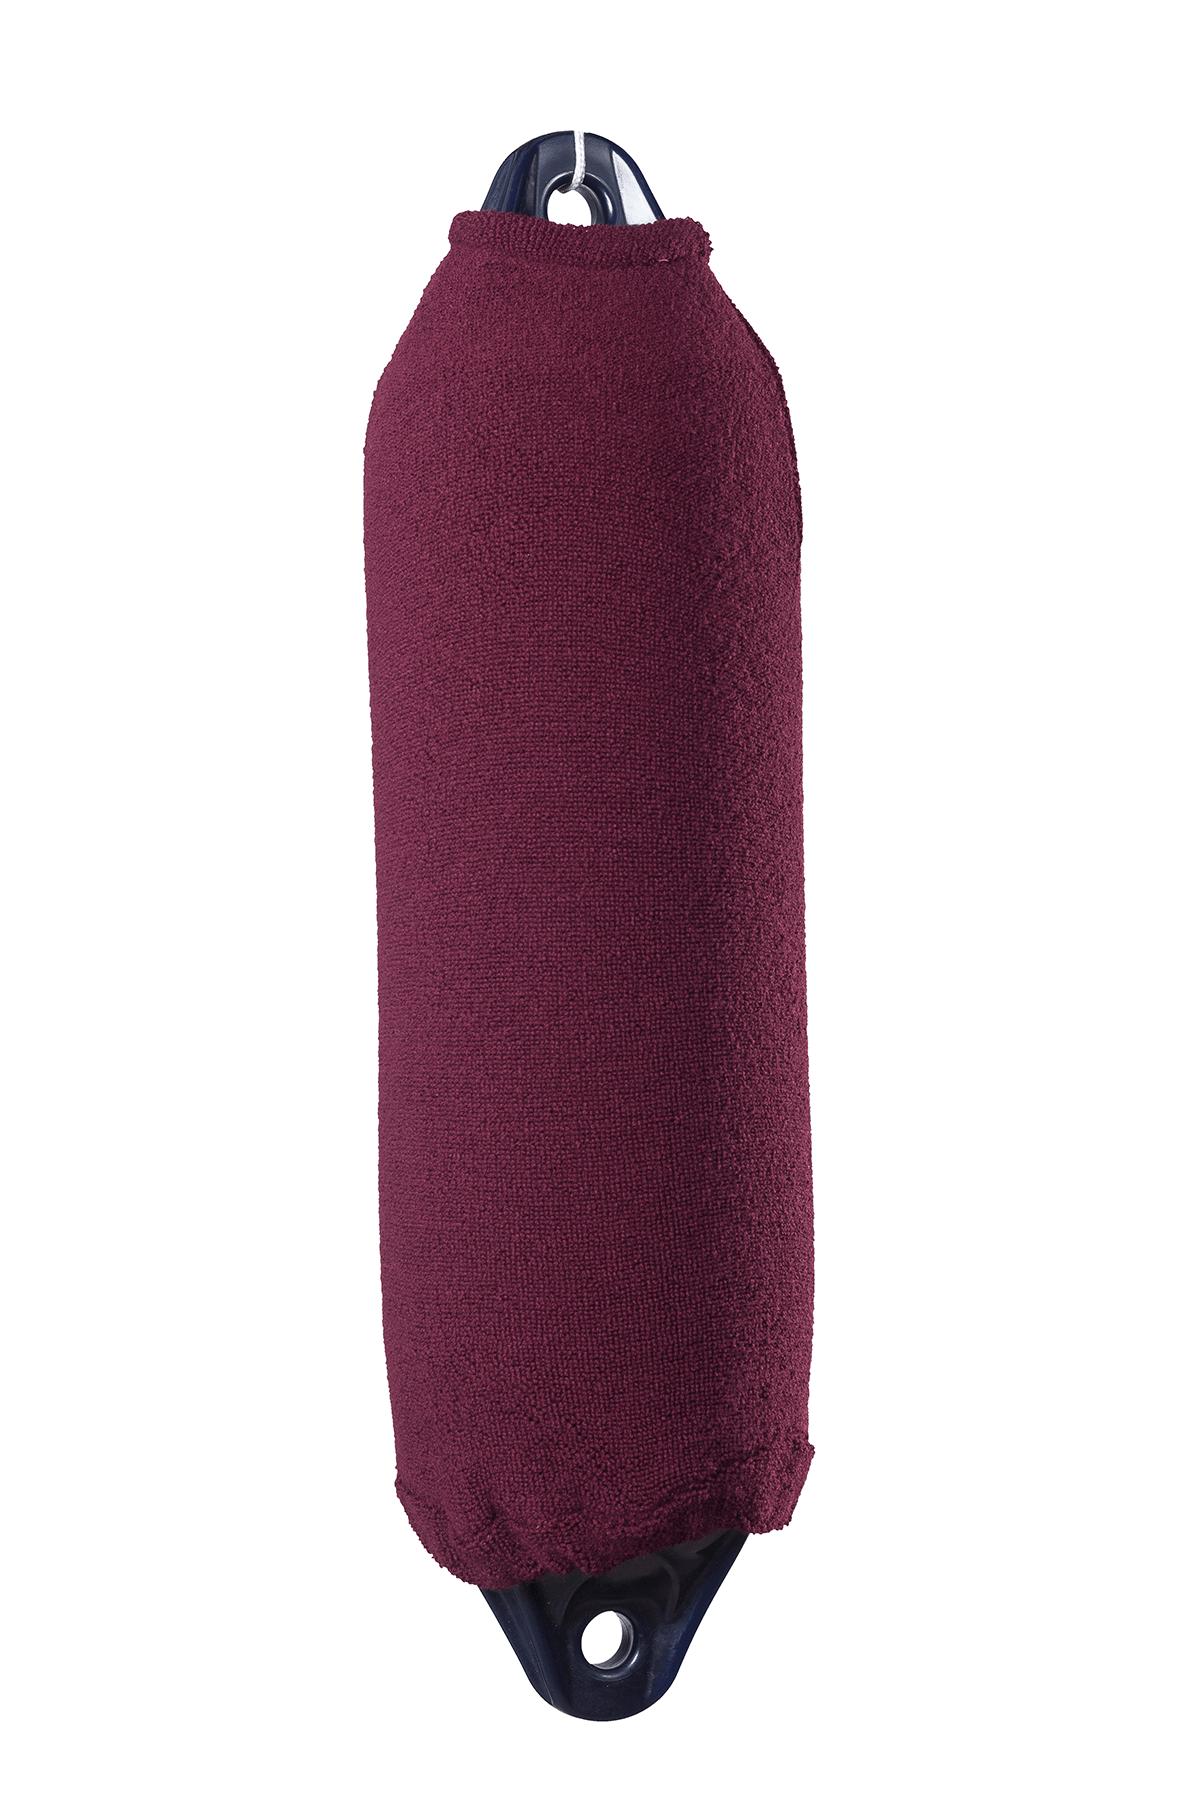 27.26 - Καλύμματα Μακρόστενων Μπαλονιών 76cm Χρώματος Μπορντό - Σετ Των 2 Τεμαχίων